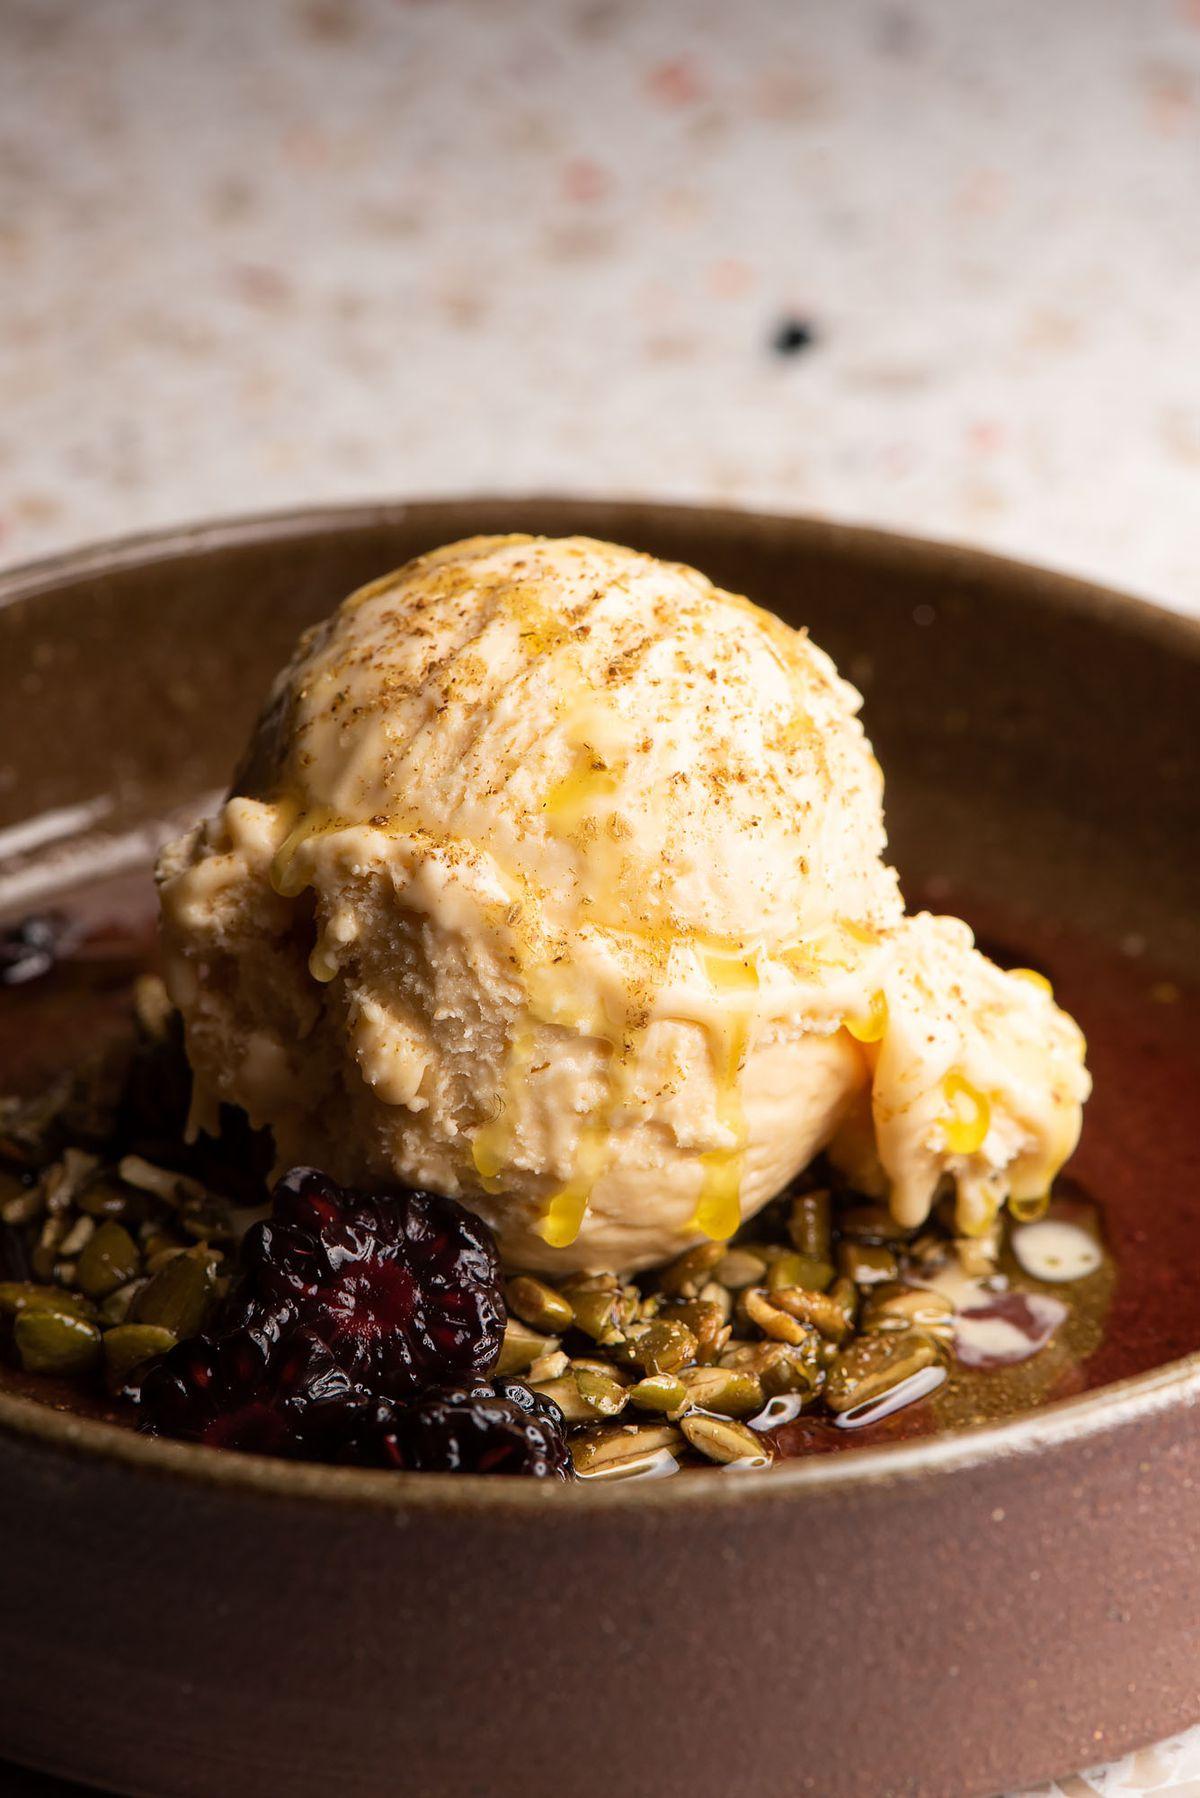 A creamy semifreddo scoop for dessert.